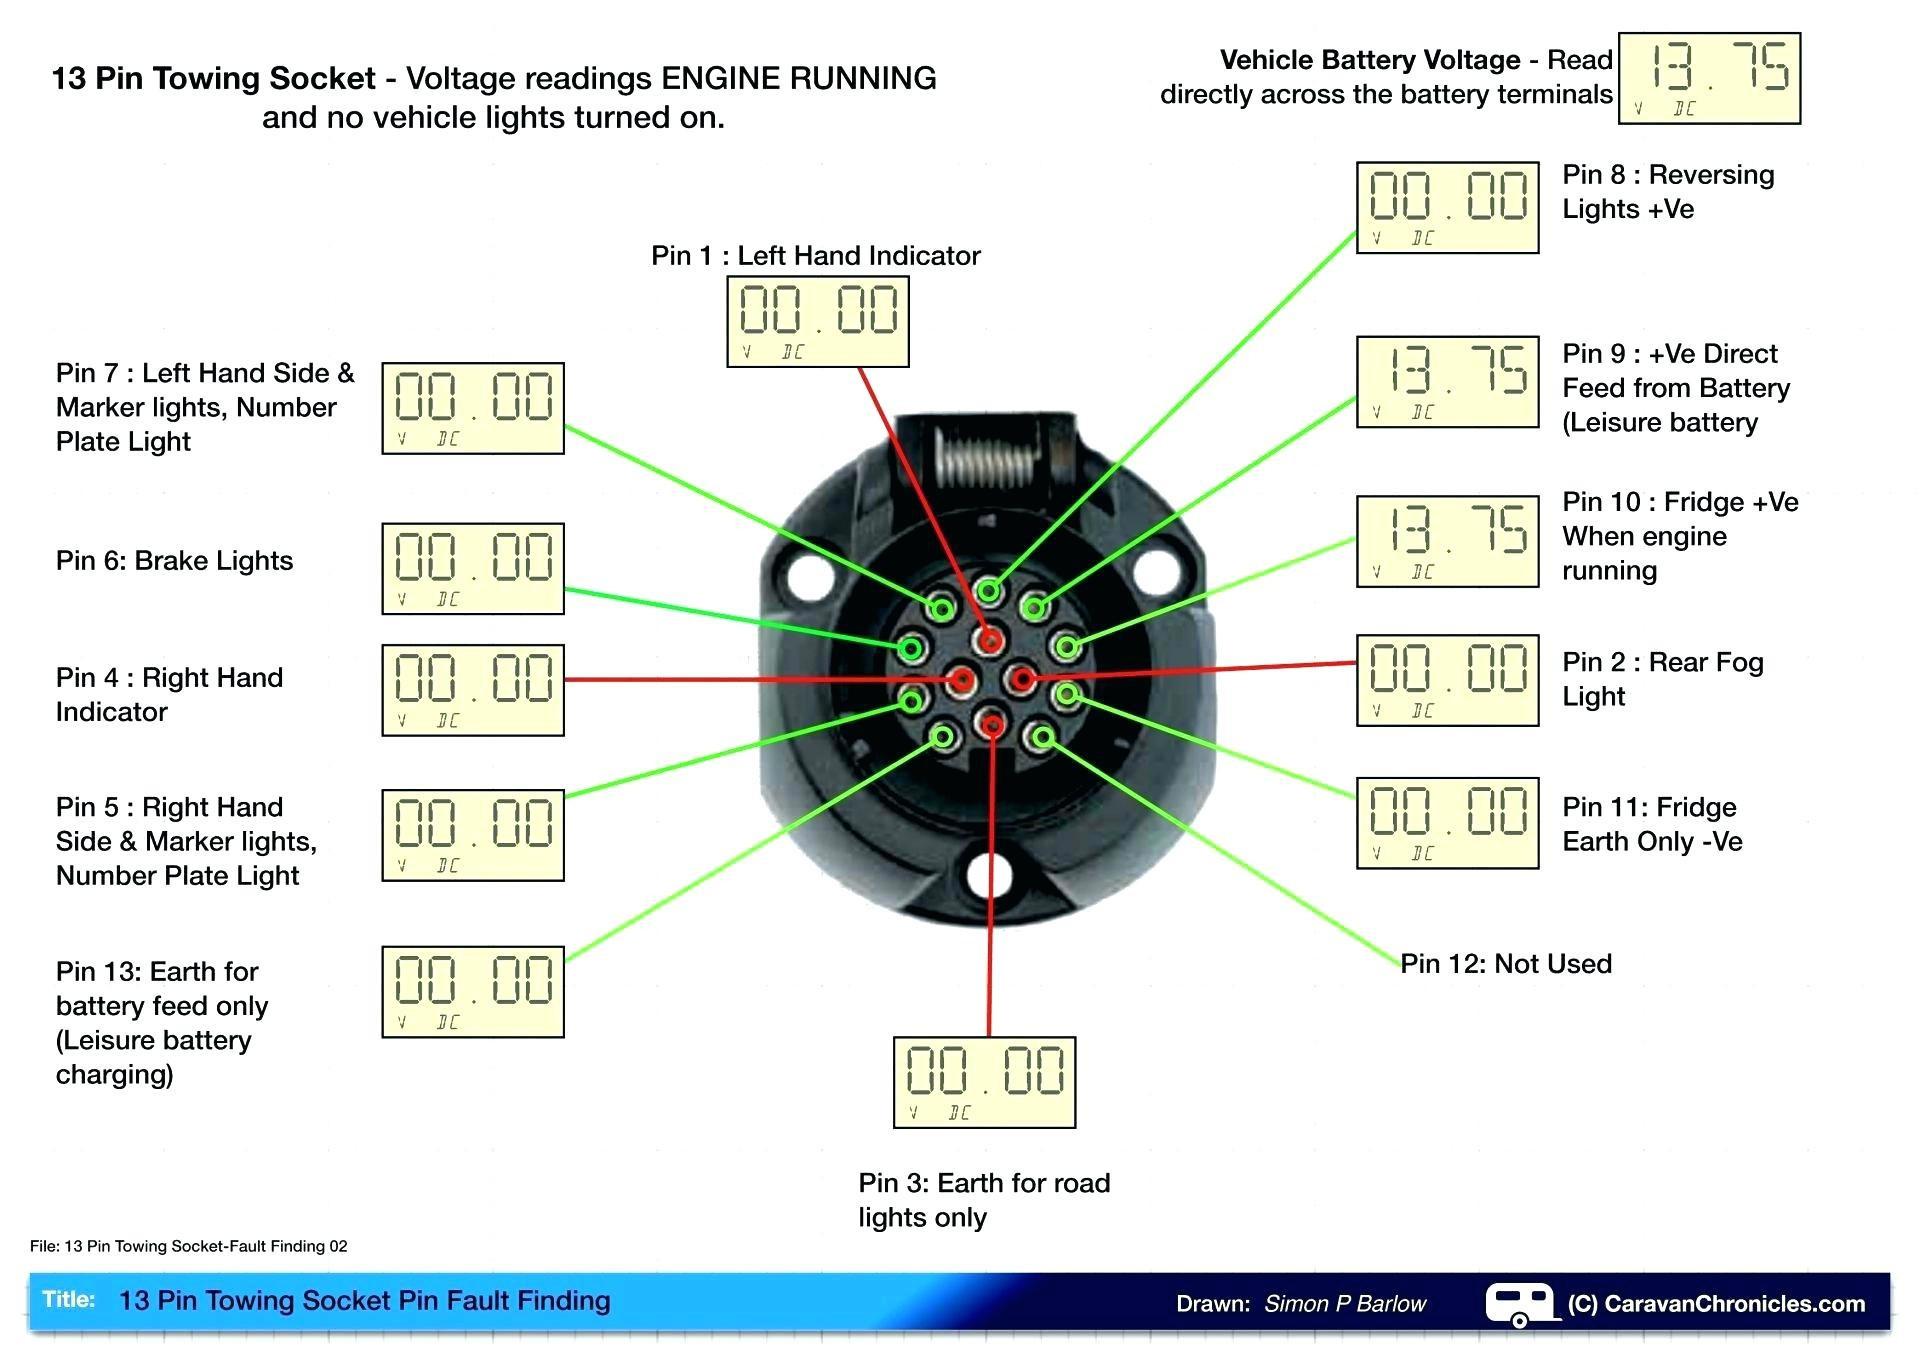 5 Flat Wiring Diagram 4 Way Trailer Light Diagram 4 Way Trailer